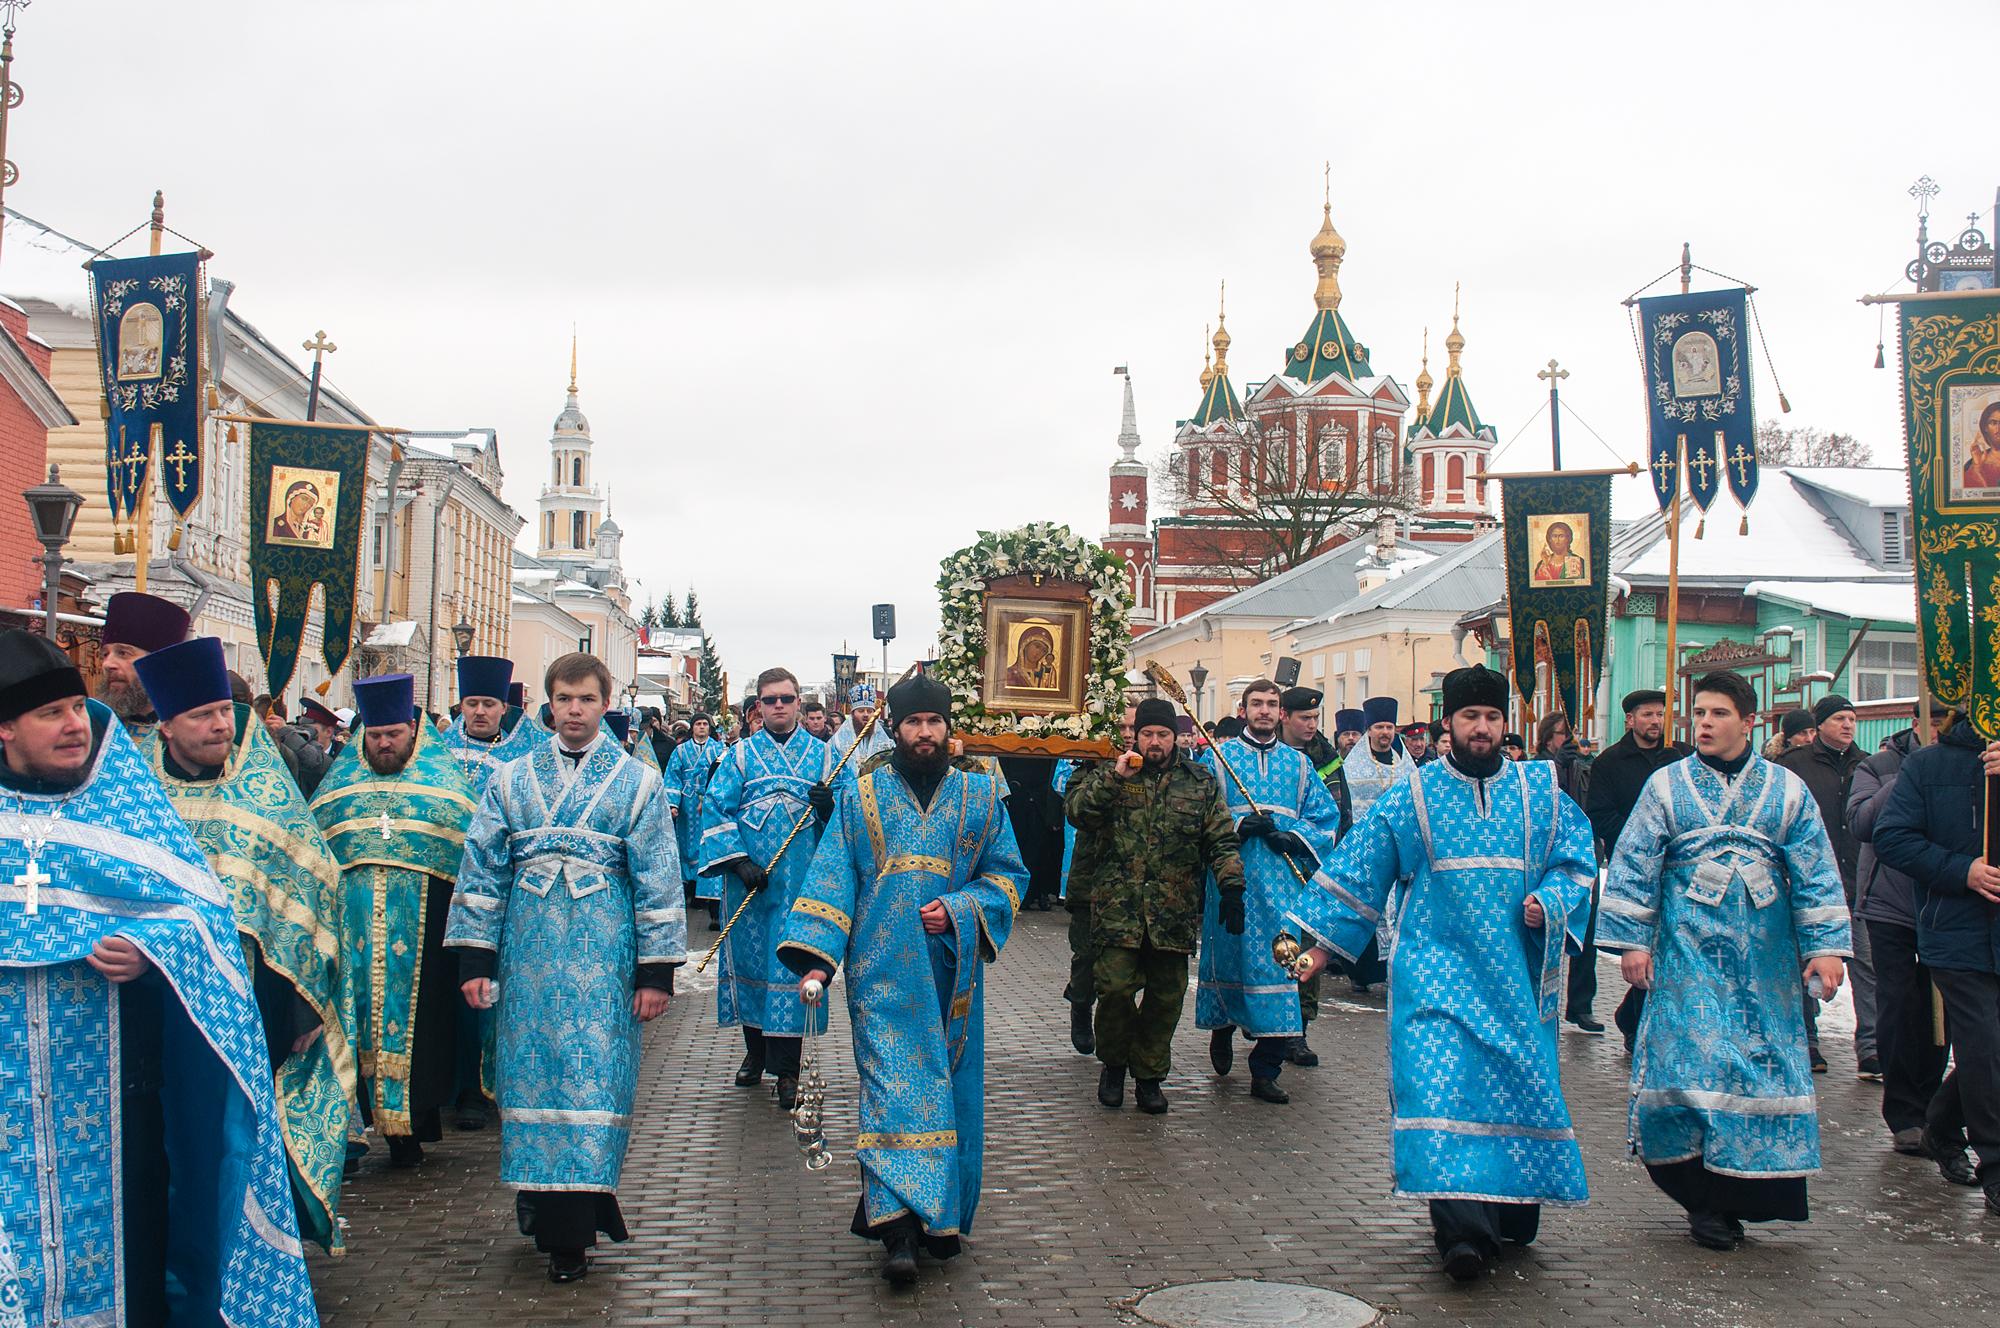 Городской крестный ход в Коломне 4 ноября 2016 года